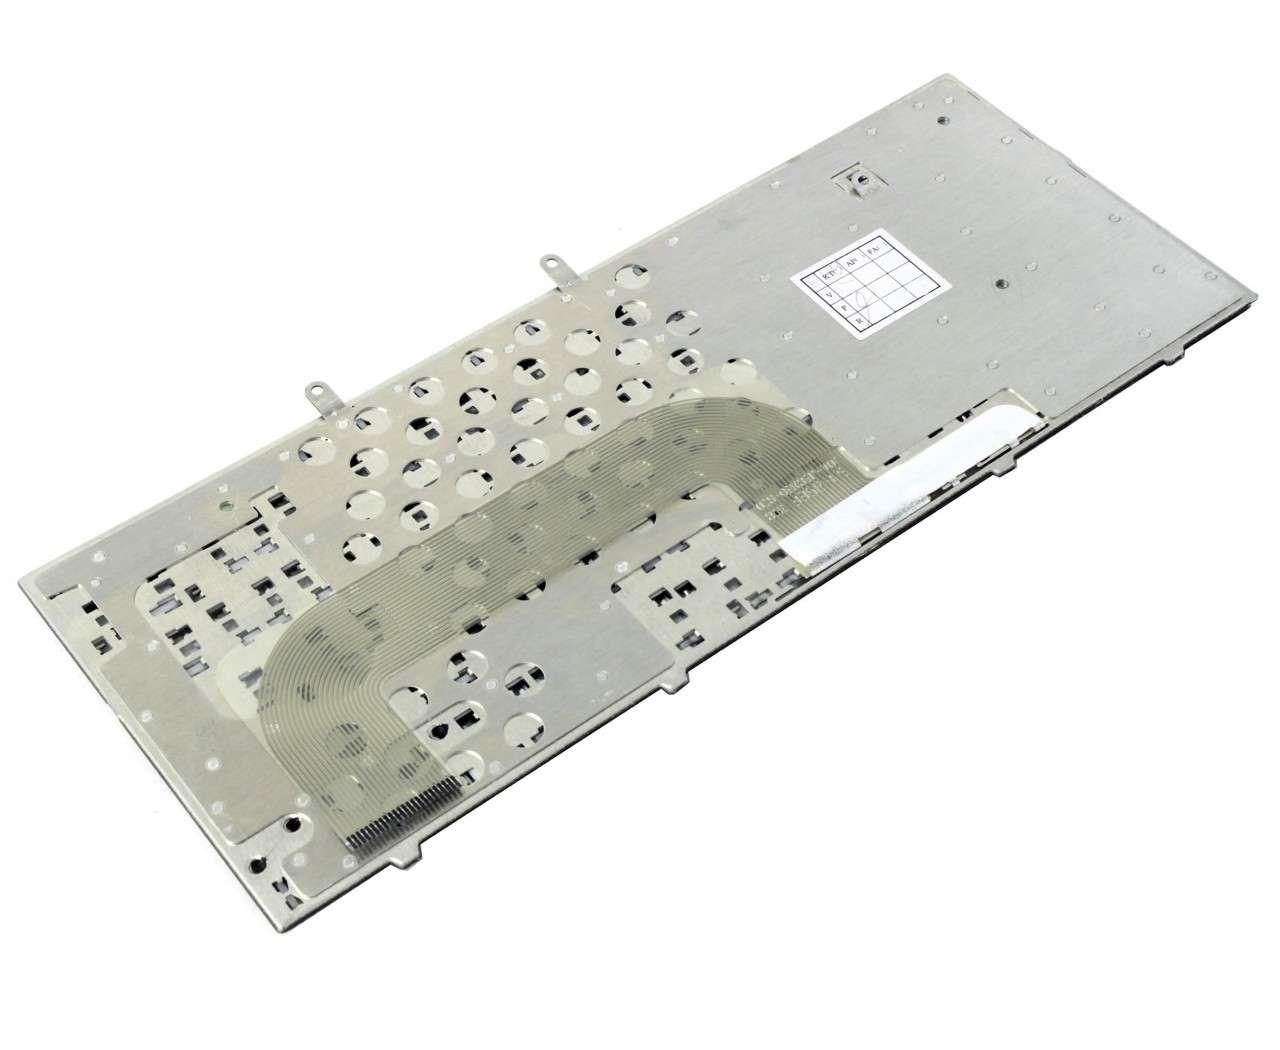 Tastatura Compaq Mini 110c imagine powerlaptop.ro 2021